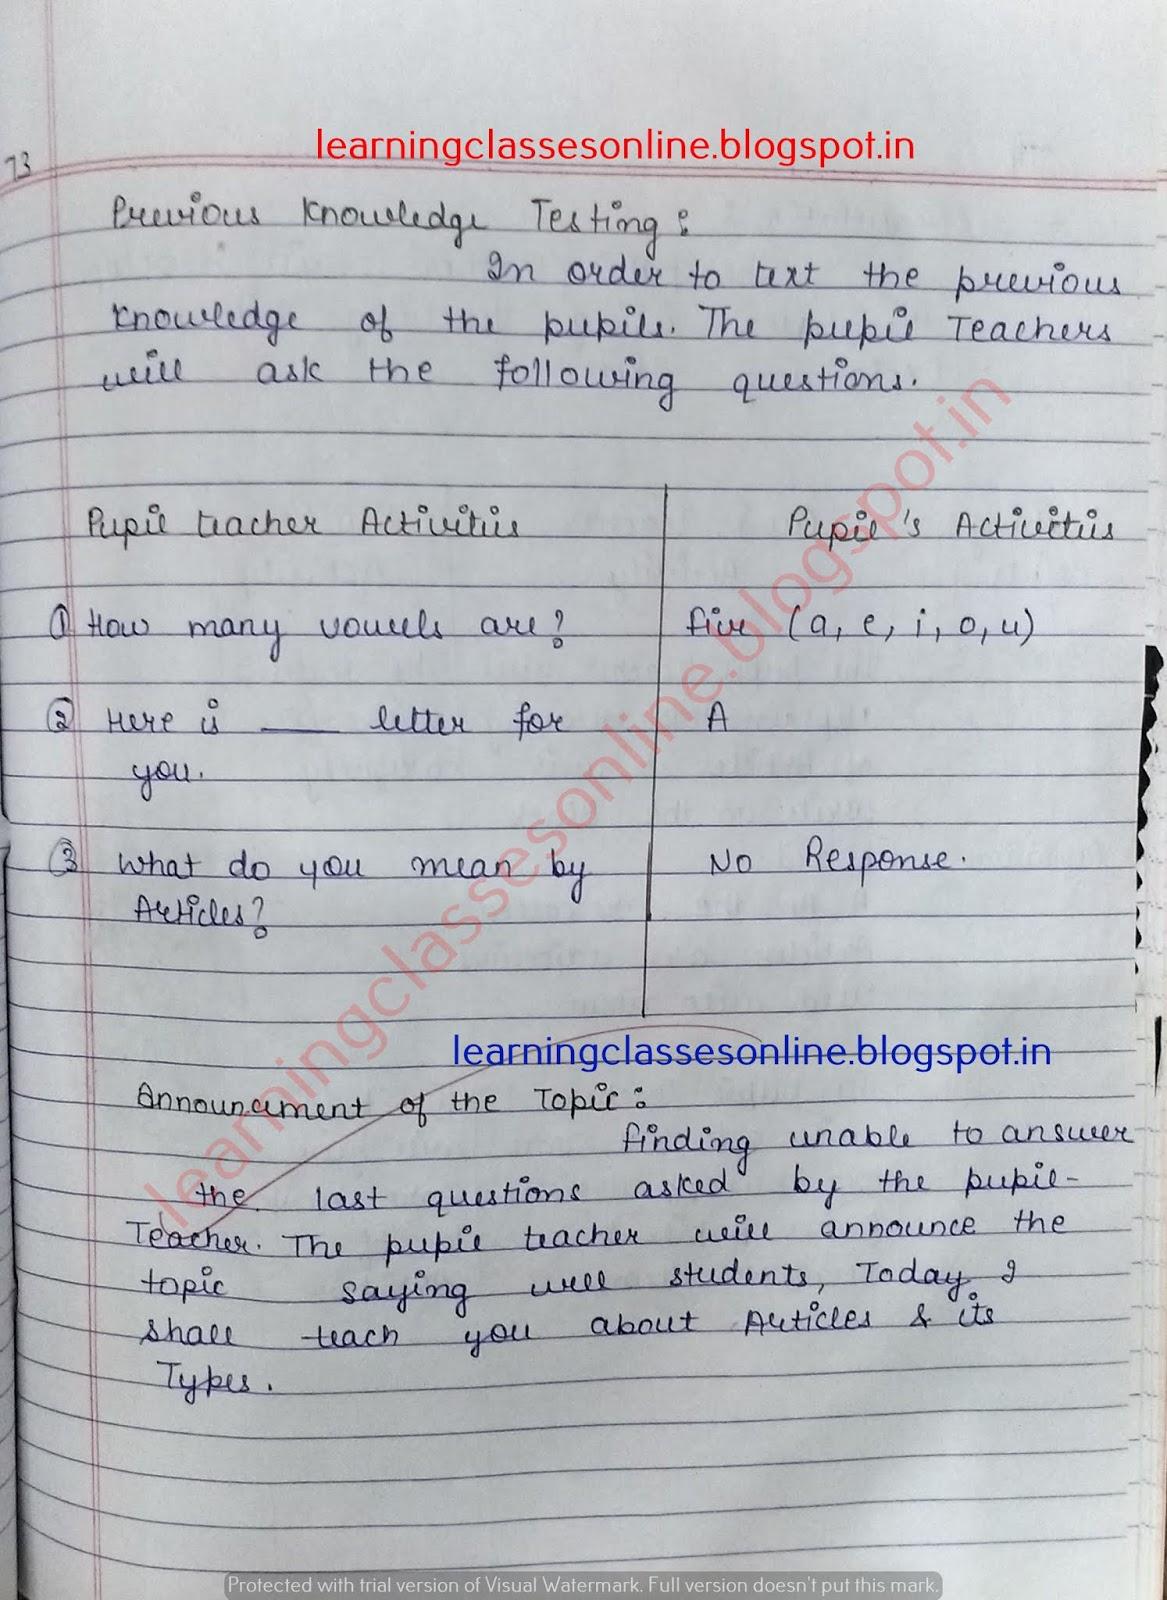 ignou lesson plan for english,